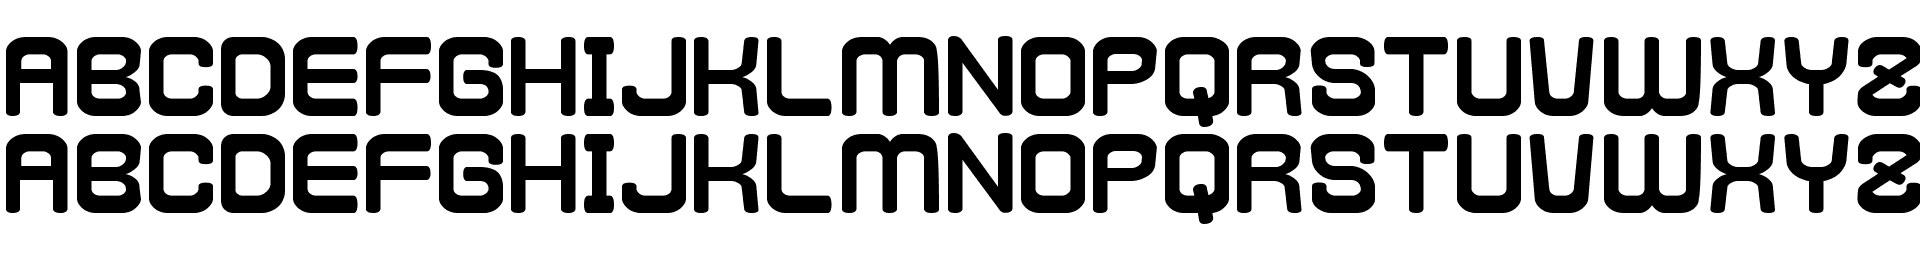 Kamone 4__G